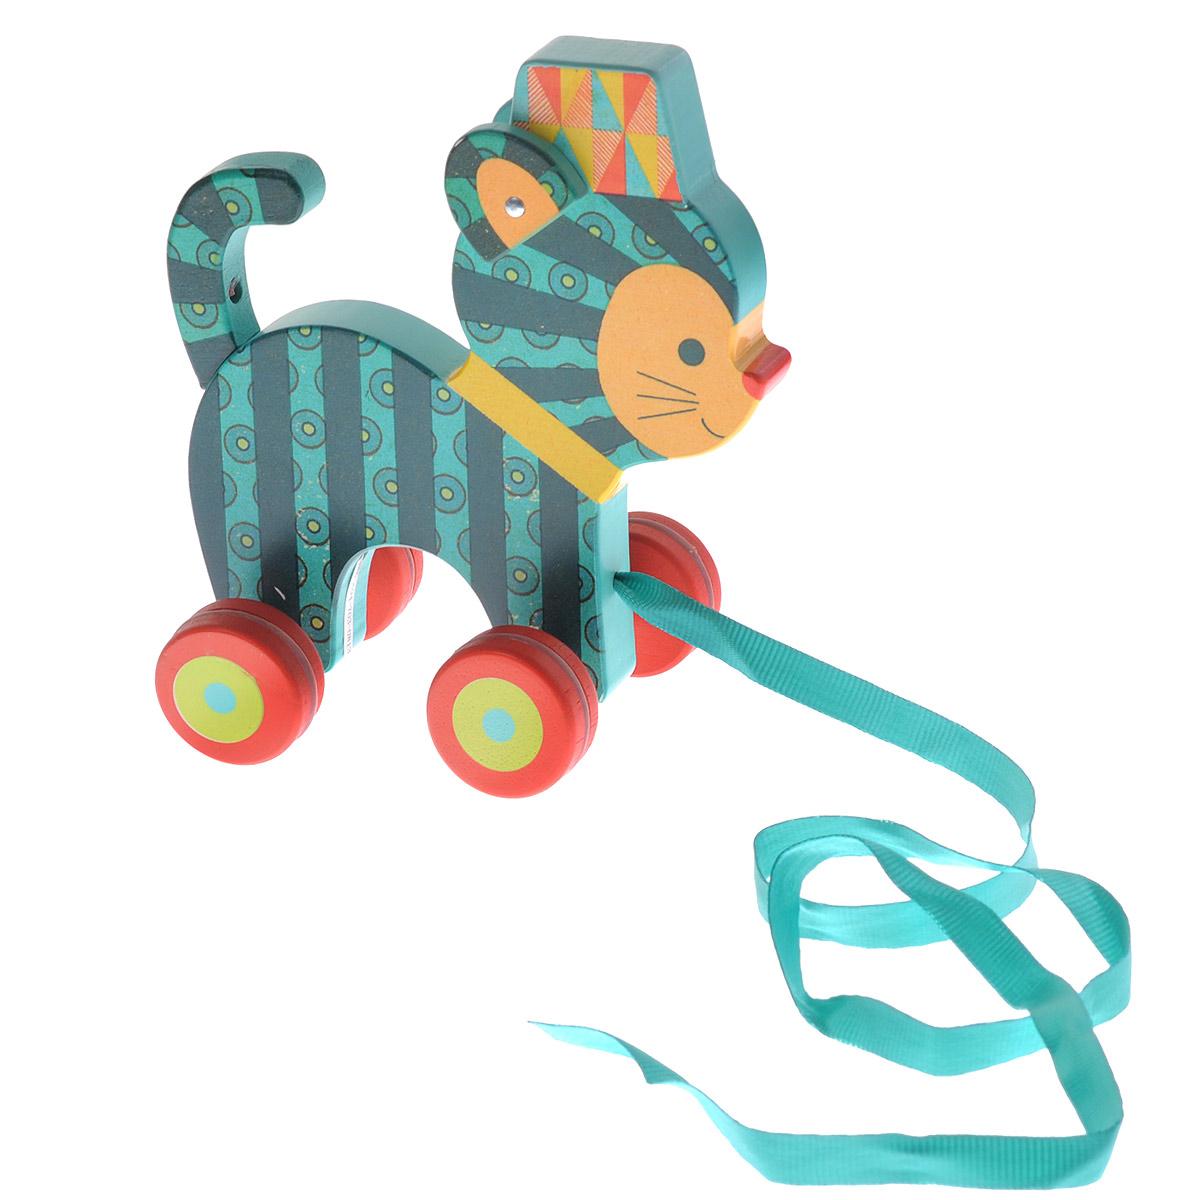 Djeco Деревянная игрушка-каталка Кот Ину06233Деревянная игрушка-каталка Djeco Кот Ину непременно понравится вашему малышу и подойдет для игры как дома, так и на свежем воздухе. Она выполнена из дерева с использованием нетоксичных красок в виде забавного кота с подвижными ушками. Края игрушки закруглены, чтобы избежать вероятности травмирования. Каталка оснащена четырьмя колесиками. За текстильную ленточку малыш сможет возить игрушку за собой. Яркая игрушка-каталка Djeco Кот Ину развивает пространственное мышление, цветовое восприятие, ловкость, равновесие и координацию движений.